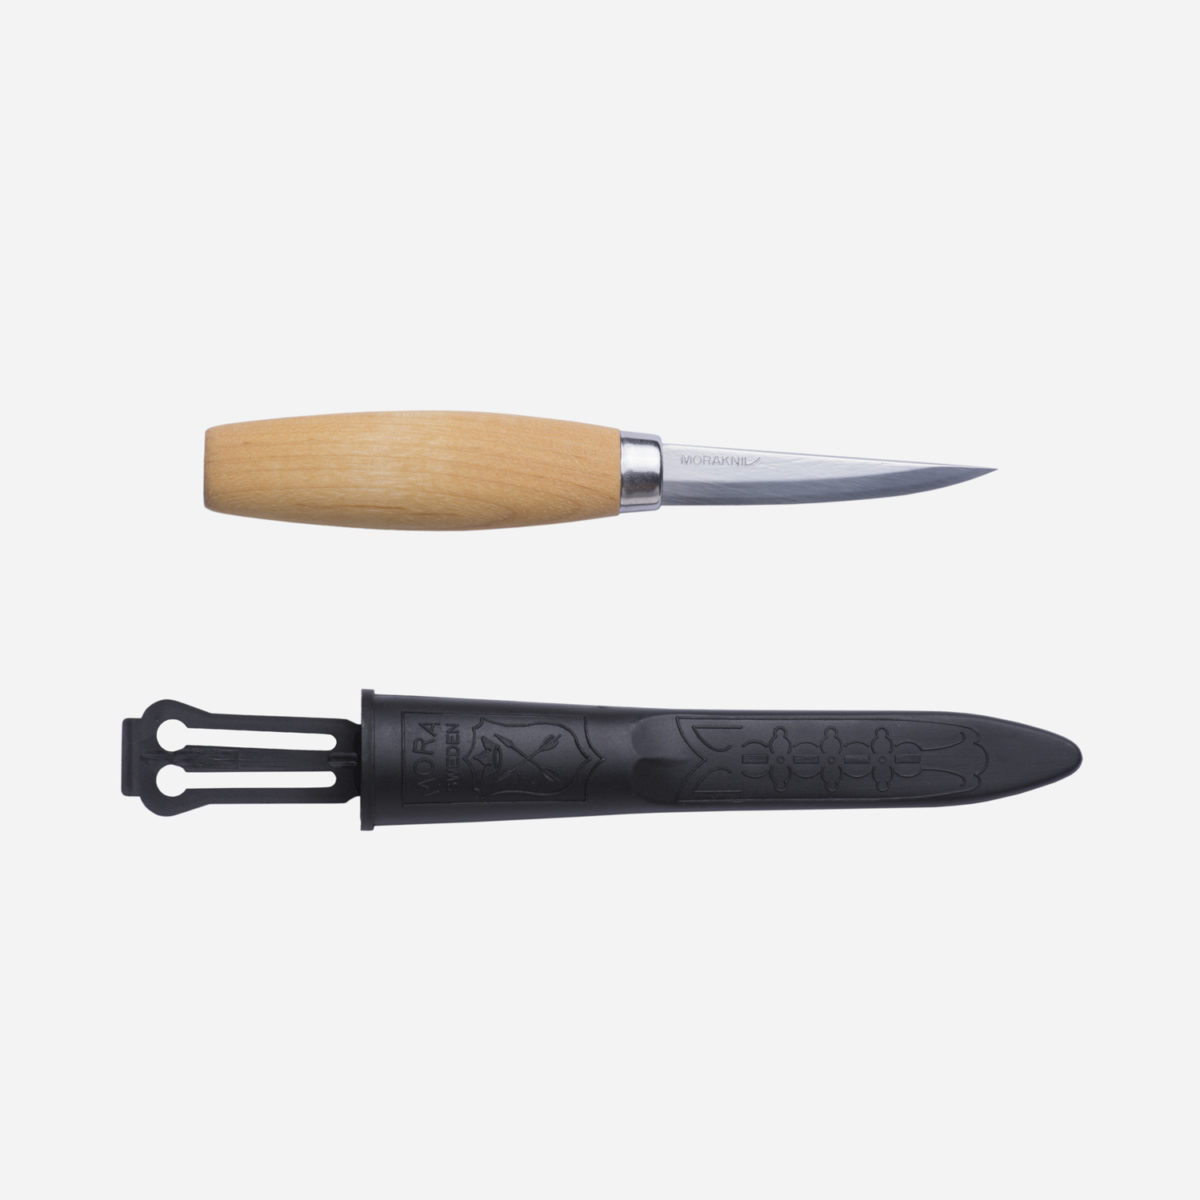 Tål & slöjdkniv med litelängre blad i kolstål